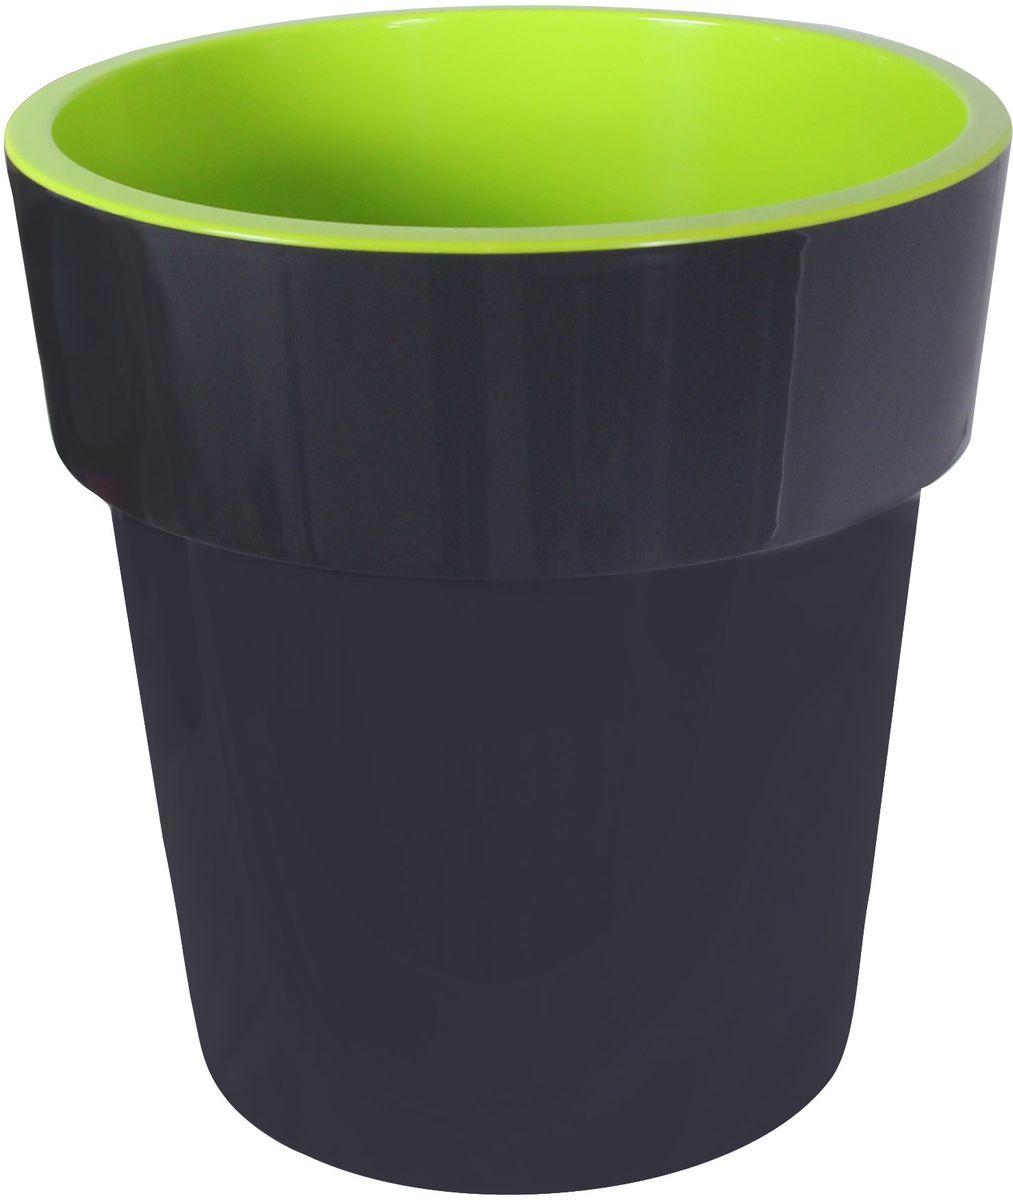 Кашпо Idea Тубус, цвет: графитовый, диаметр 15 смМ 3164